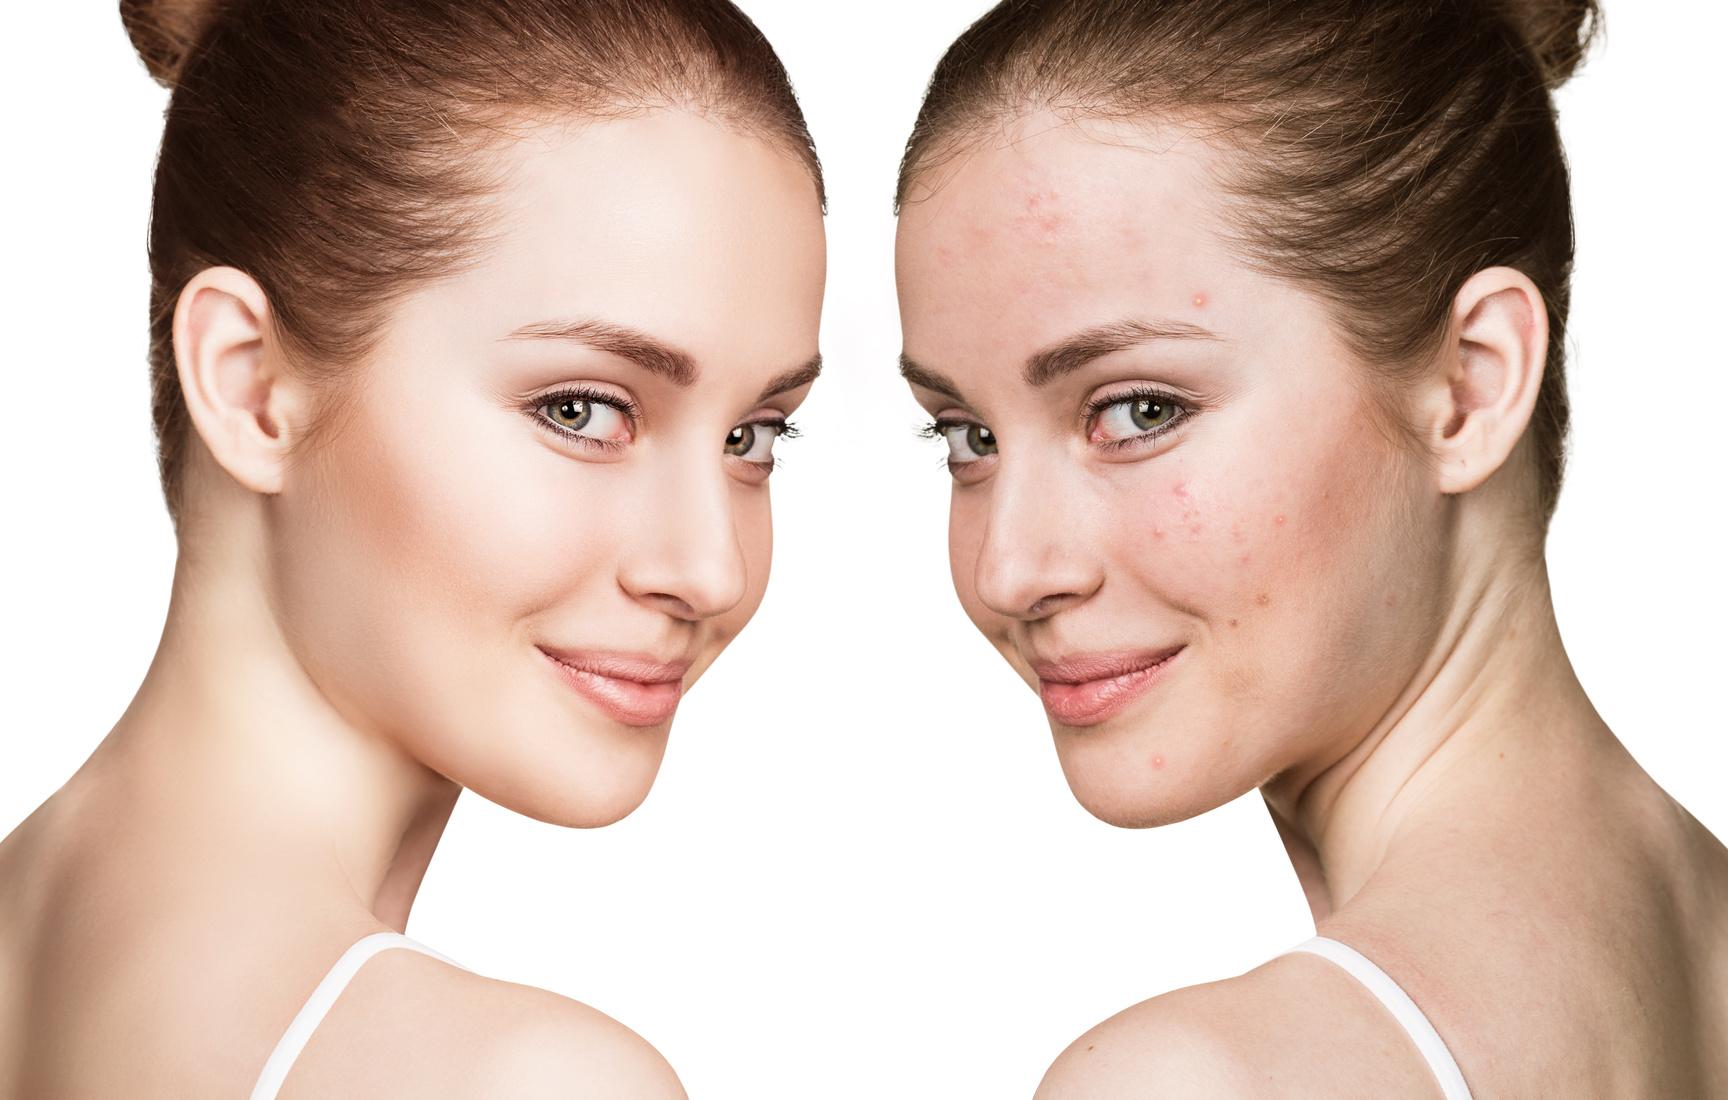 Rechts das Originalfoto eines Gesichts mit Hautunreinheiten, links dasselbe Gesicht mit makelloser Haut